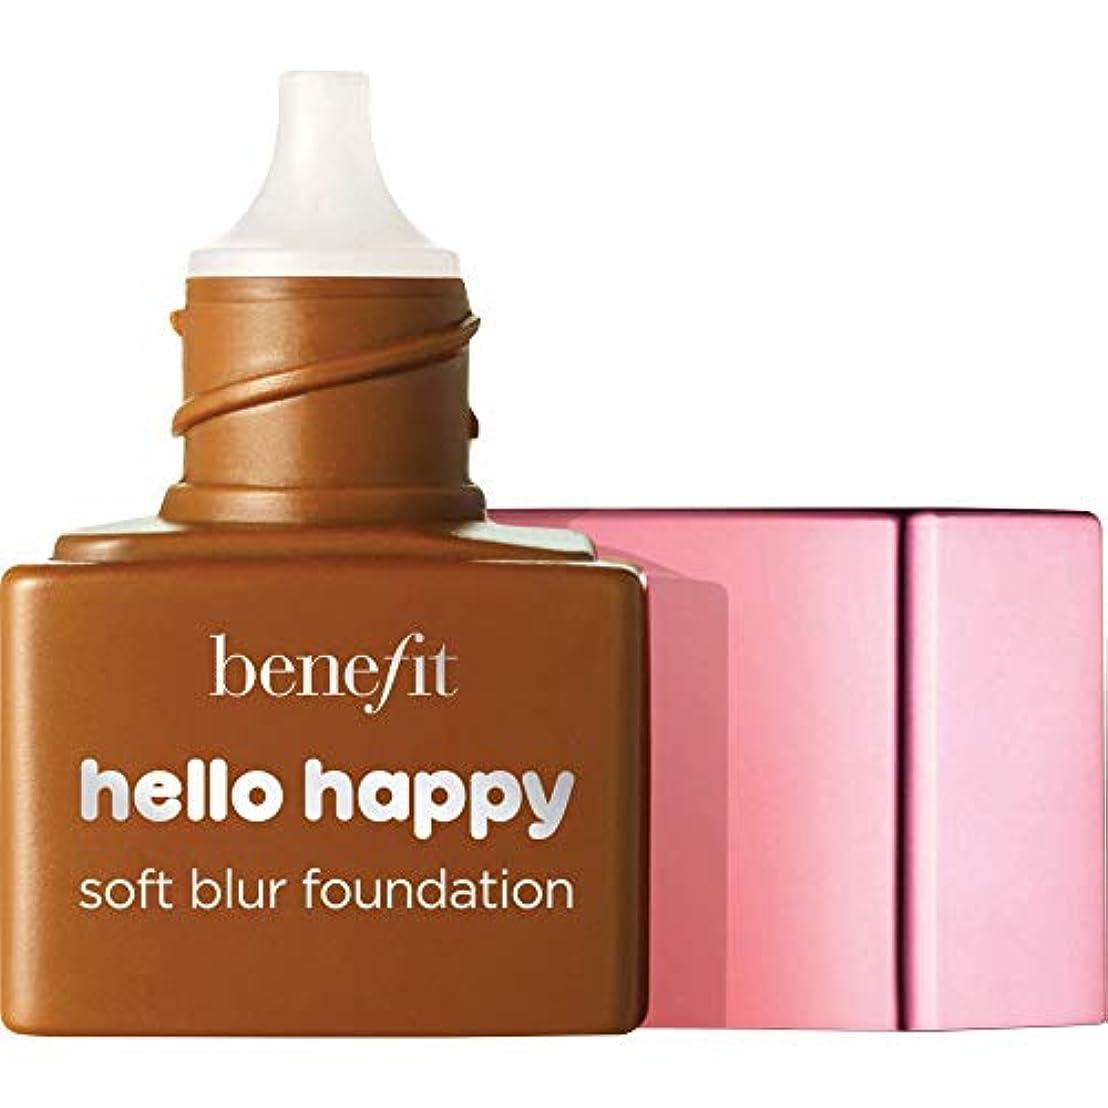 一方、電話する塗抹[Benefit ] ミニ9 - - ハロー幸せソフトブラー基礎Spf15の6ミリリットルの利益中立深いです - Benefit Hello Happy Soft Blur Foundation SPF15 6ml -...